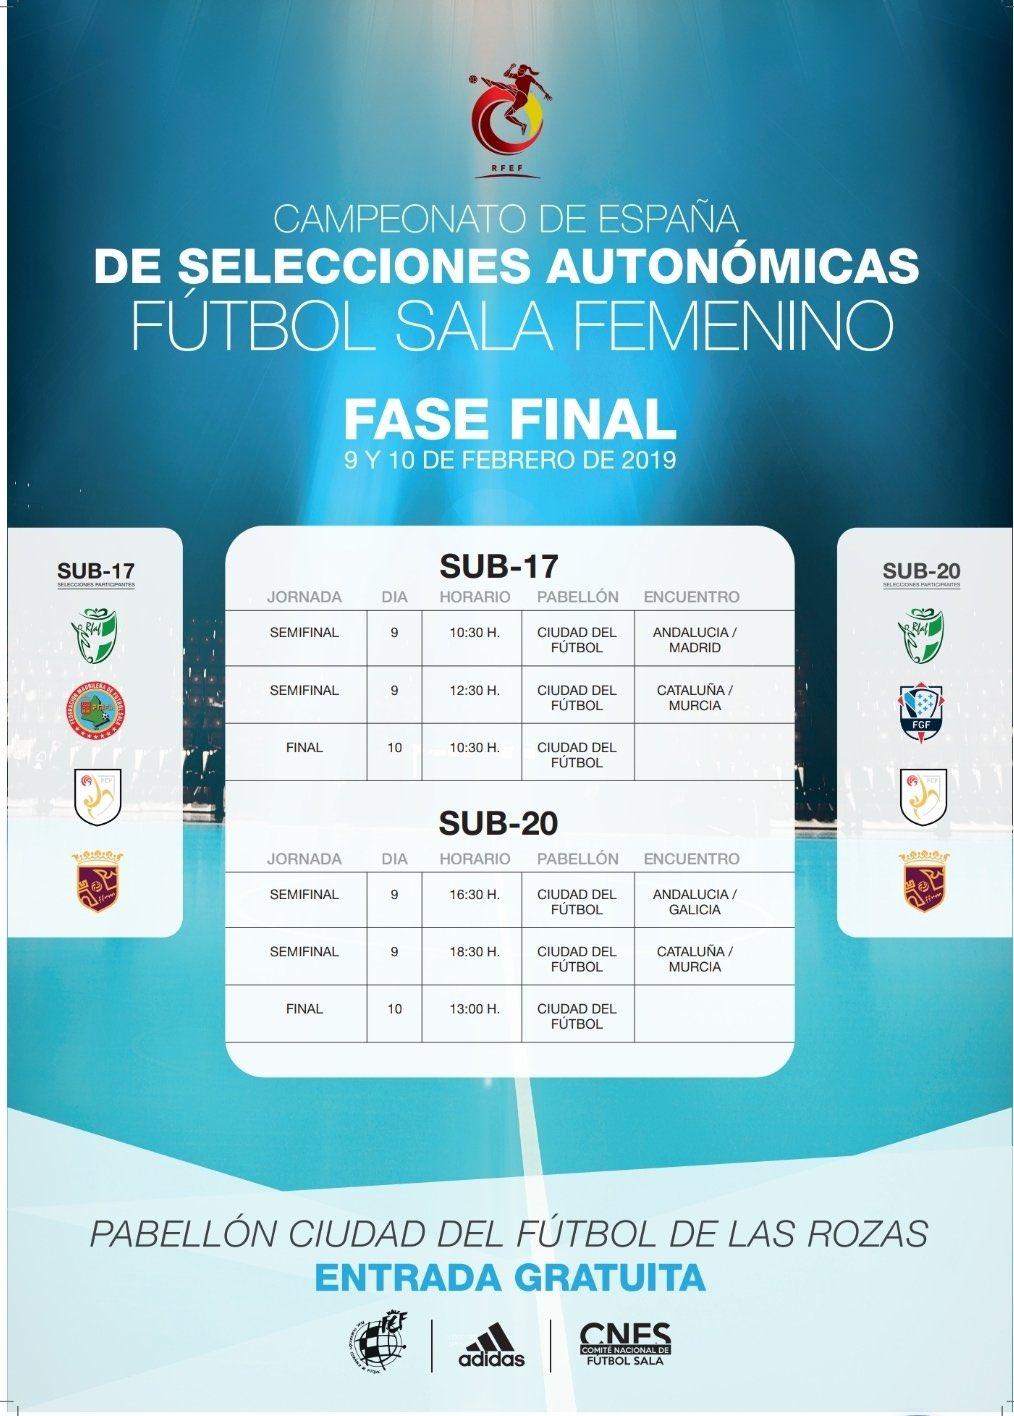 Vídeo Resúmenes de las Finales del Campeonato de España Sub 17 y Sub 20